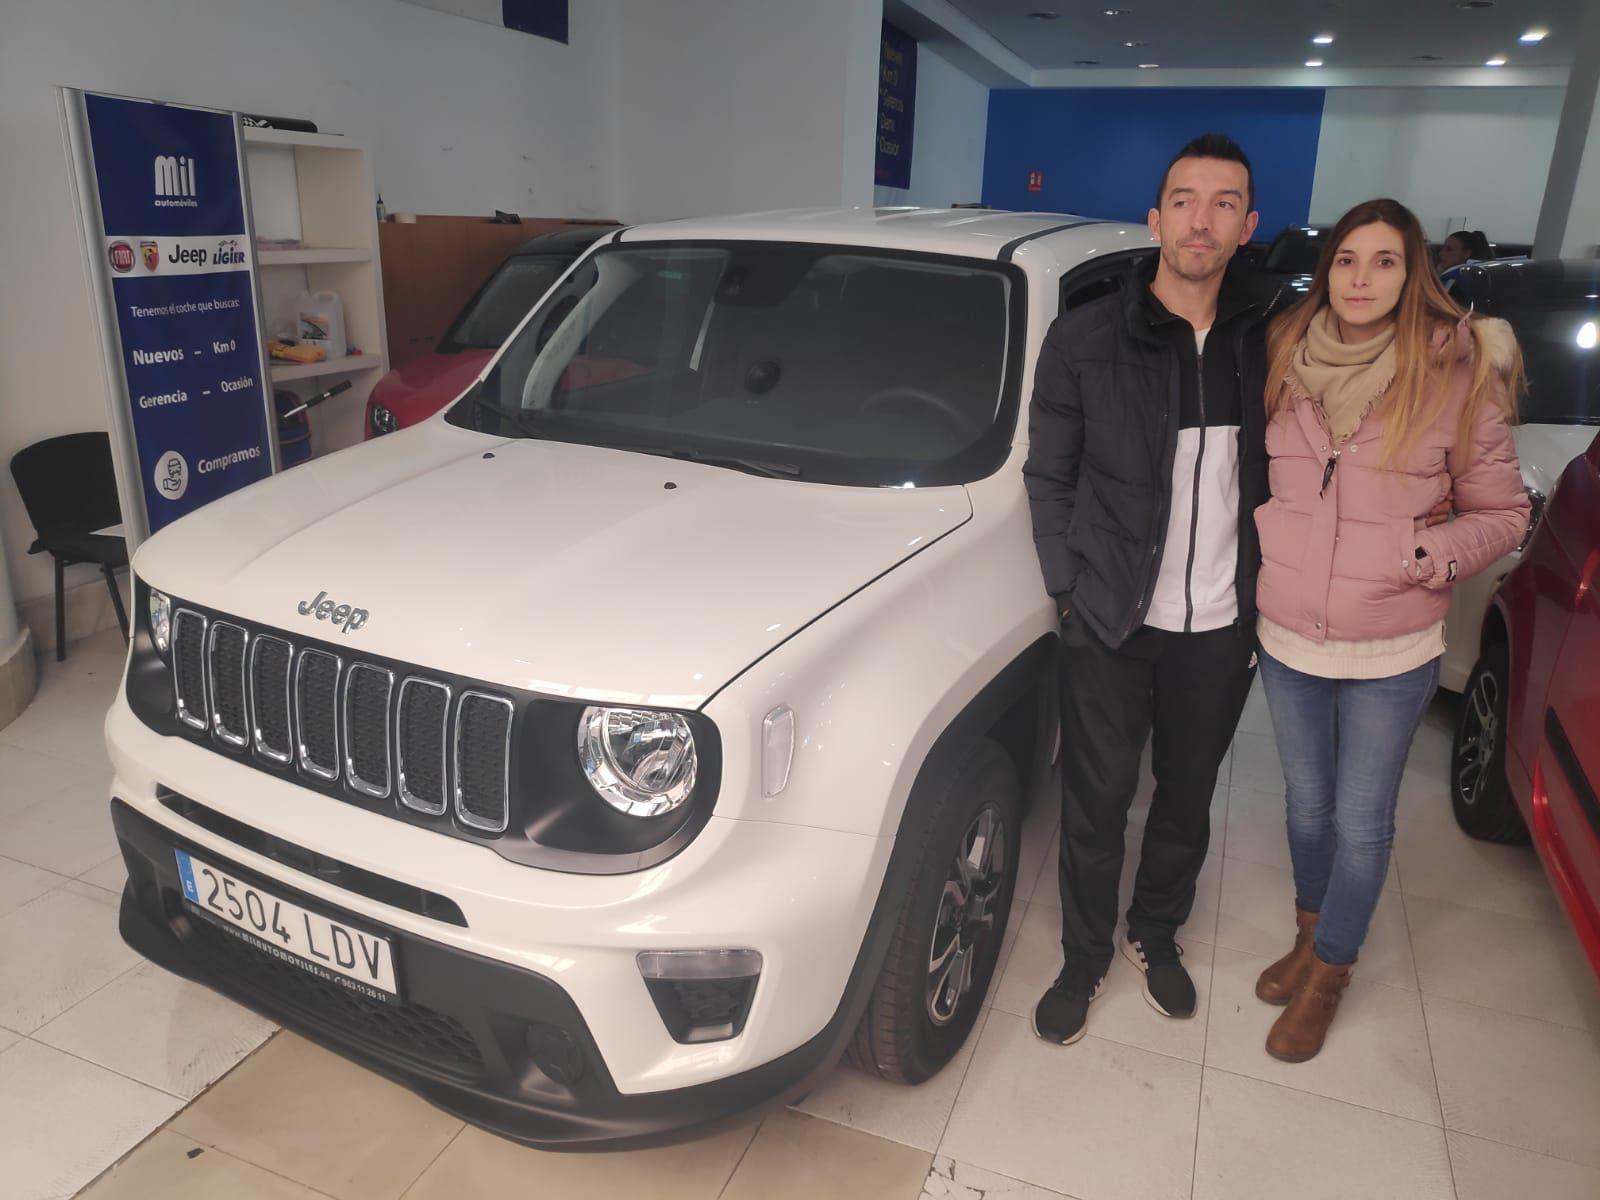 Milautomóviles hace entrega de un Jeep Compass acabado Premium a Javier y pareja